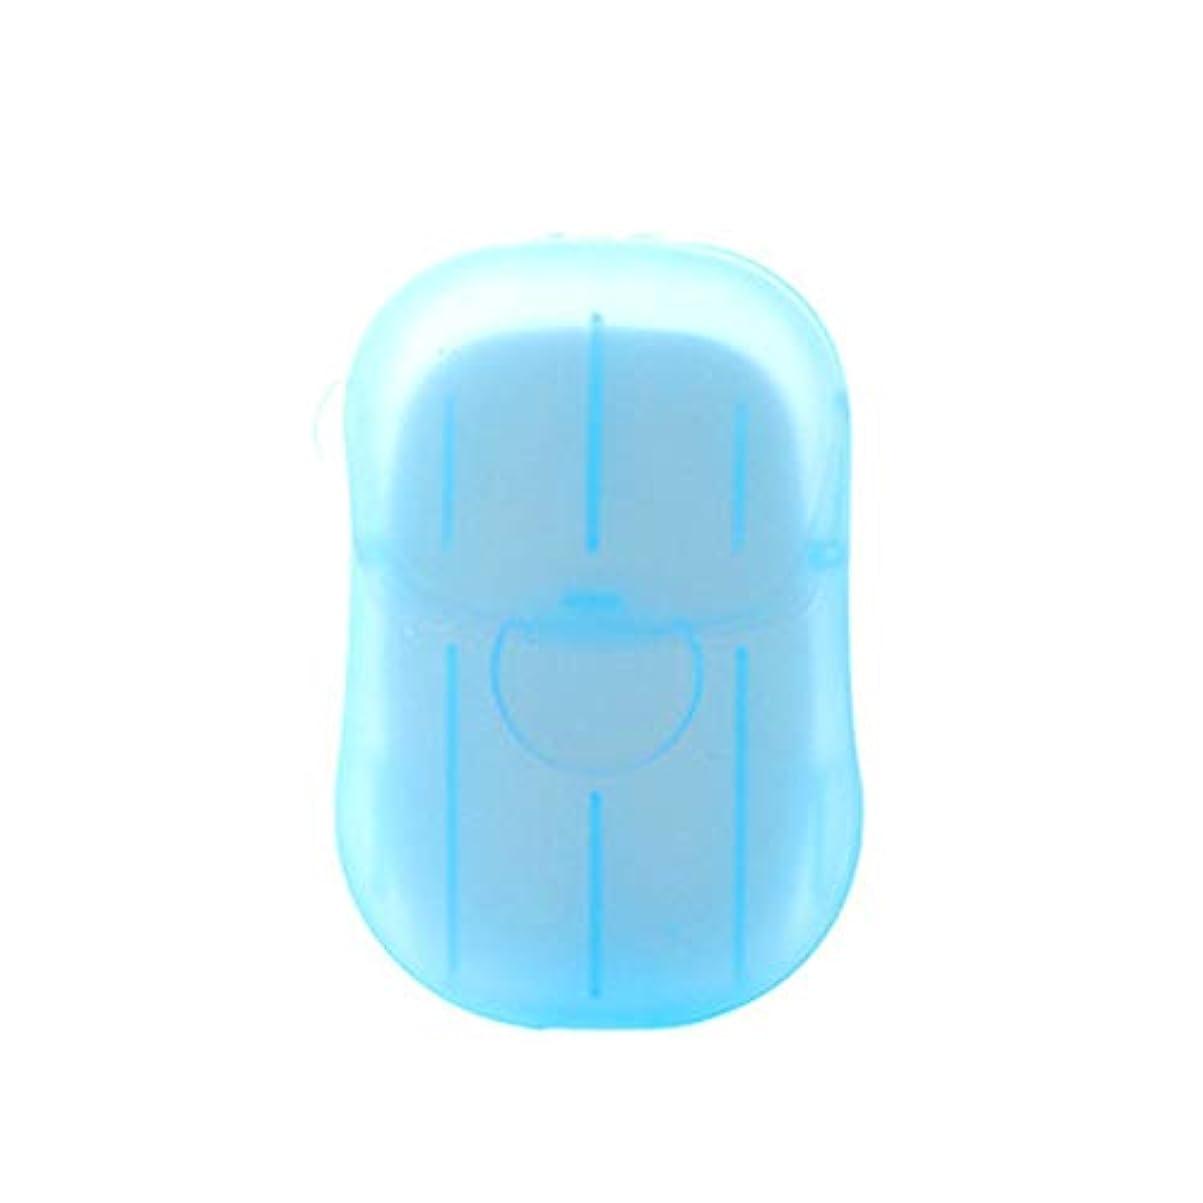 ラリー追い払うグリットGalapara 紙石鹸 使い捨て石鹸ケース 20枚石鹸ペーパー香料入り 旅行用品